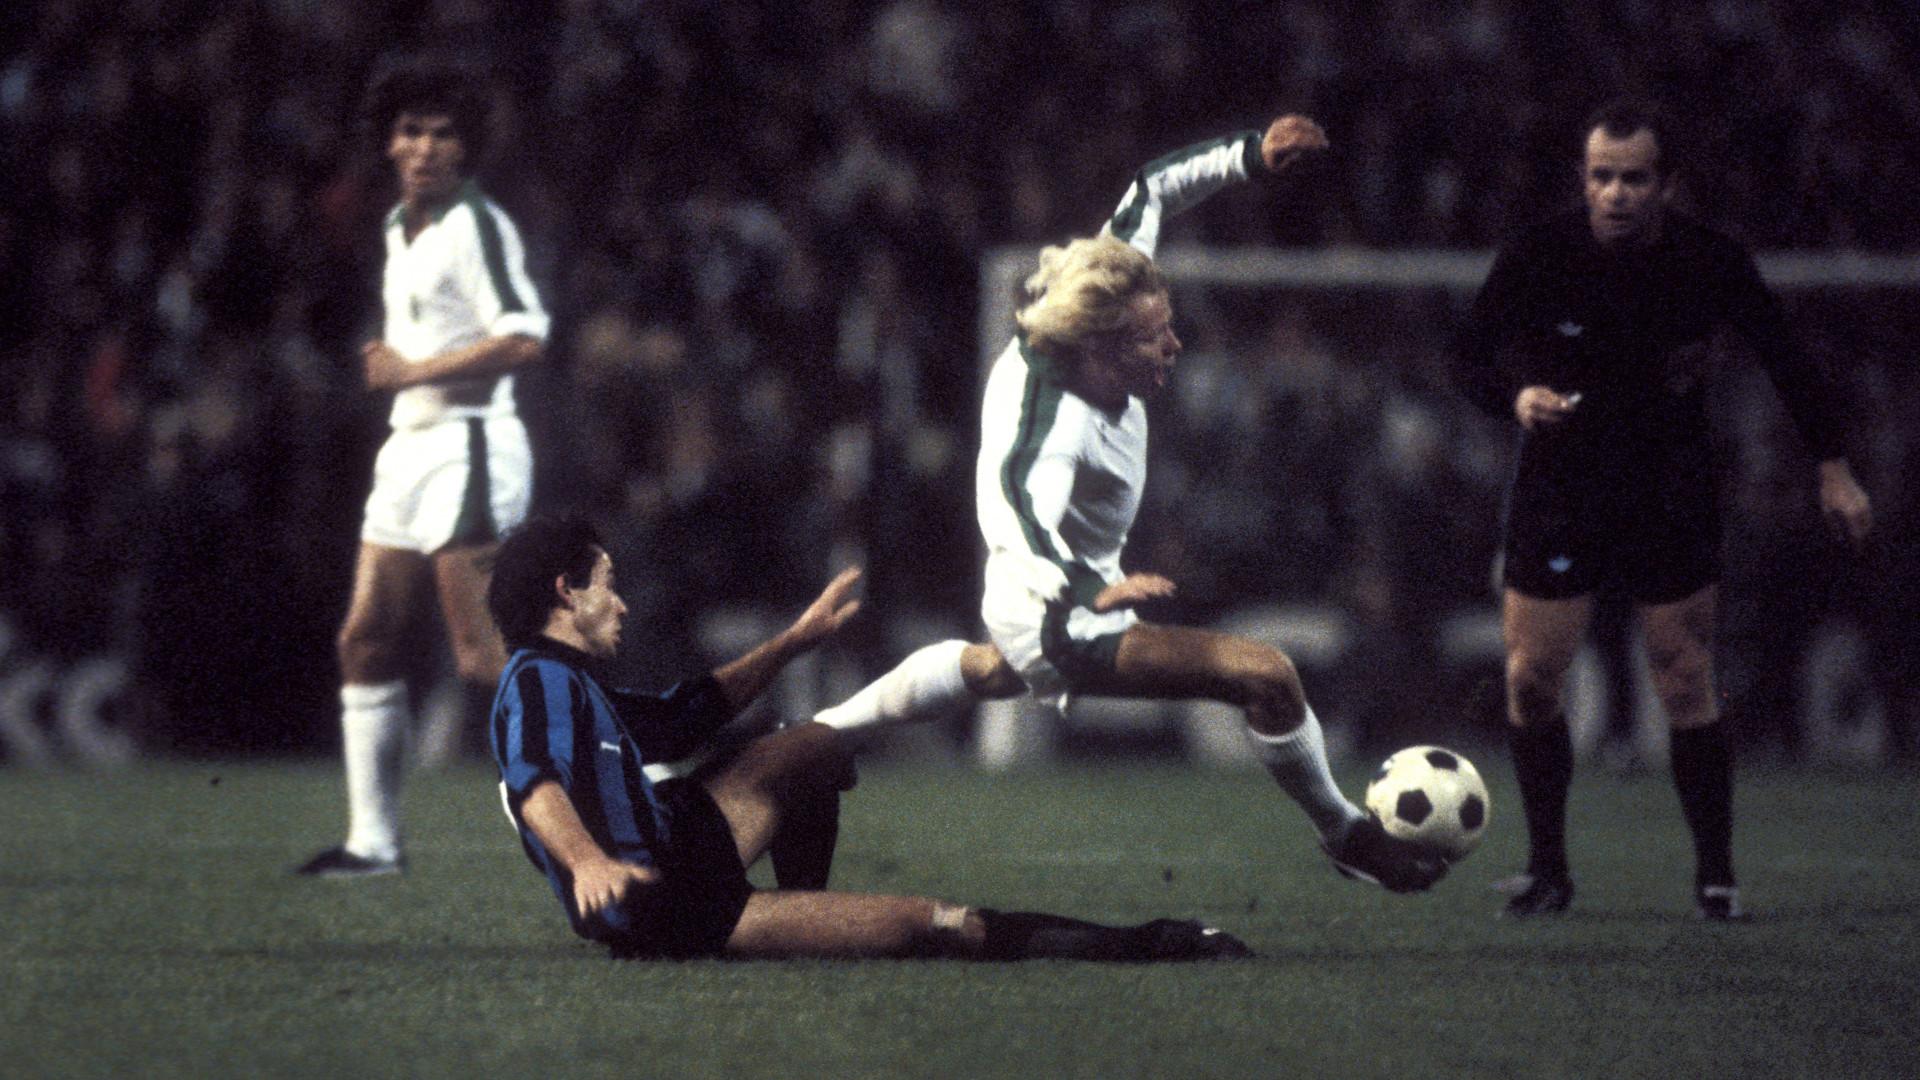 Inter Mailand Vs Borussia Monchengladbach Im Live Stream Auf Dazn Sehen Dazn News Deutschland